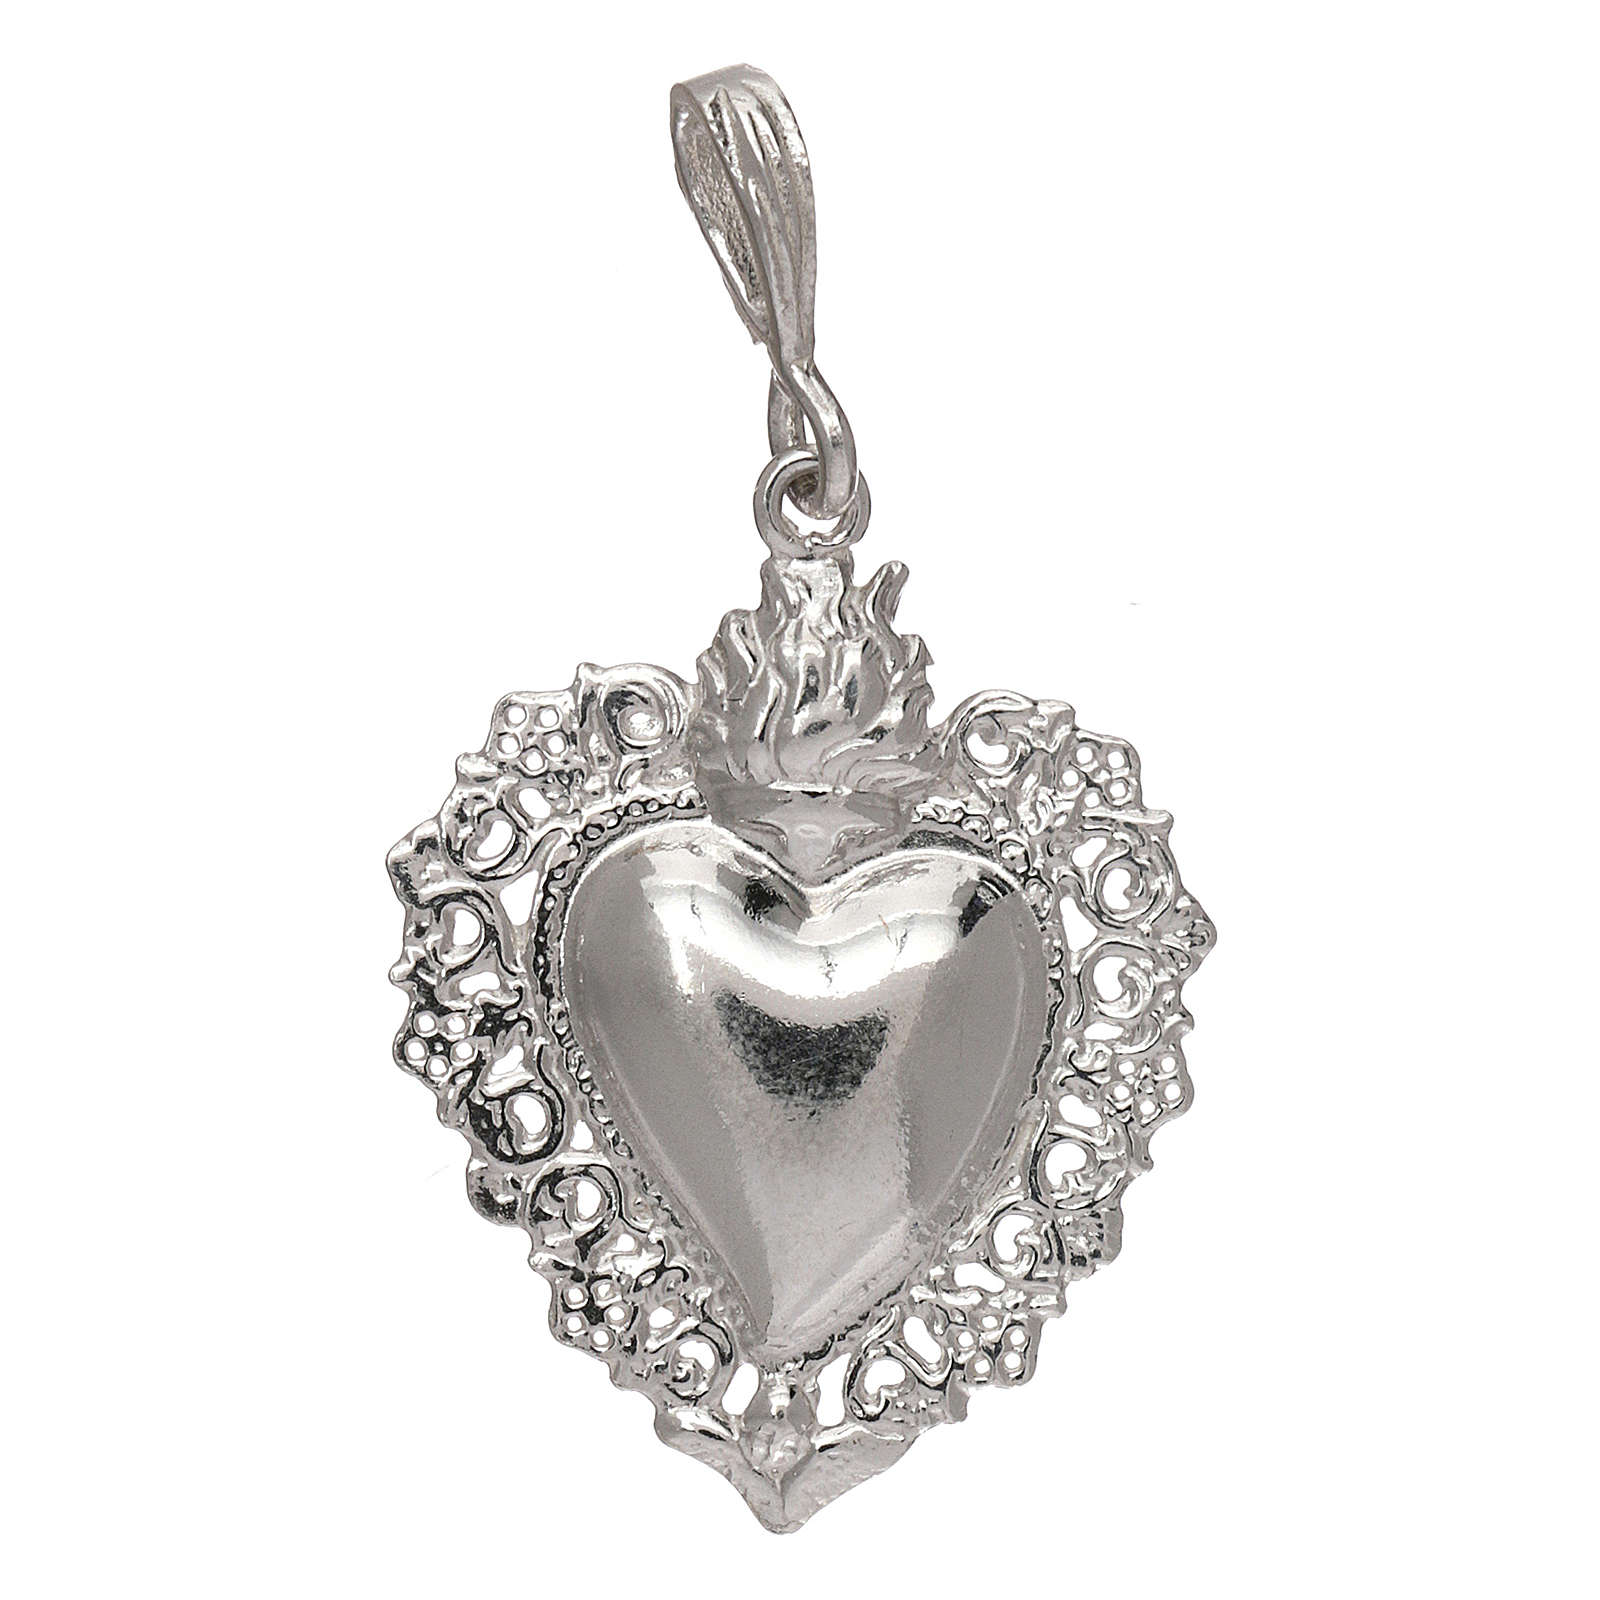 Pingente coração ex-voto em prata 925 4